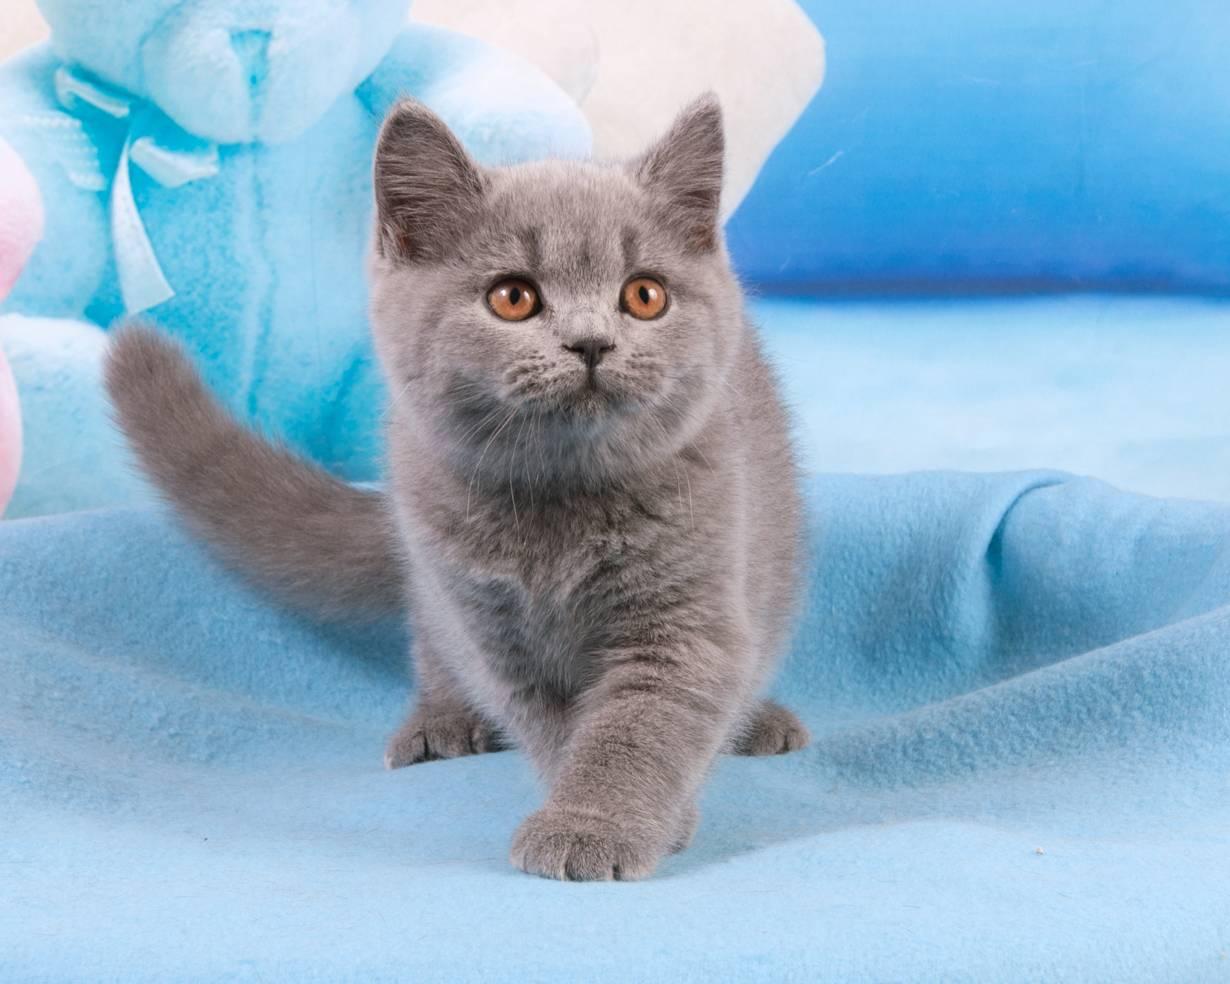 Сколько стоит шотландский вислоухий котенок в россии?